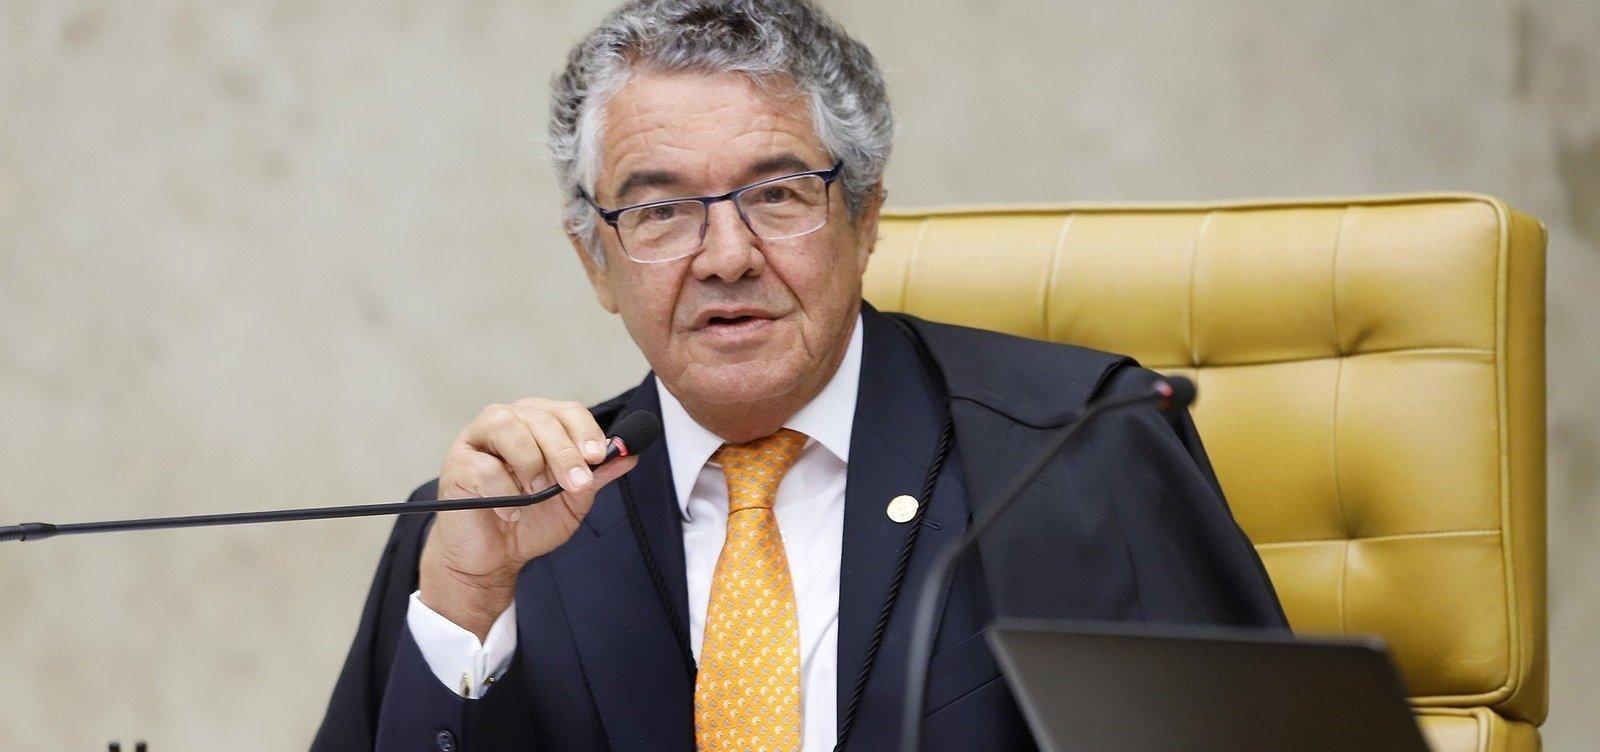 Ministro Marco Aurélio nega ação de Bolsonaro contra estados que adotaram medidas de restrição